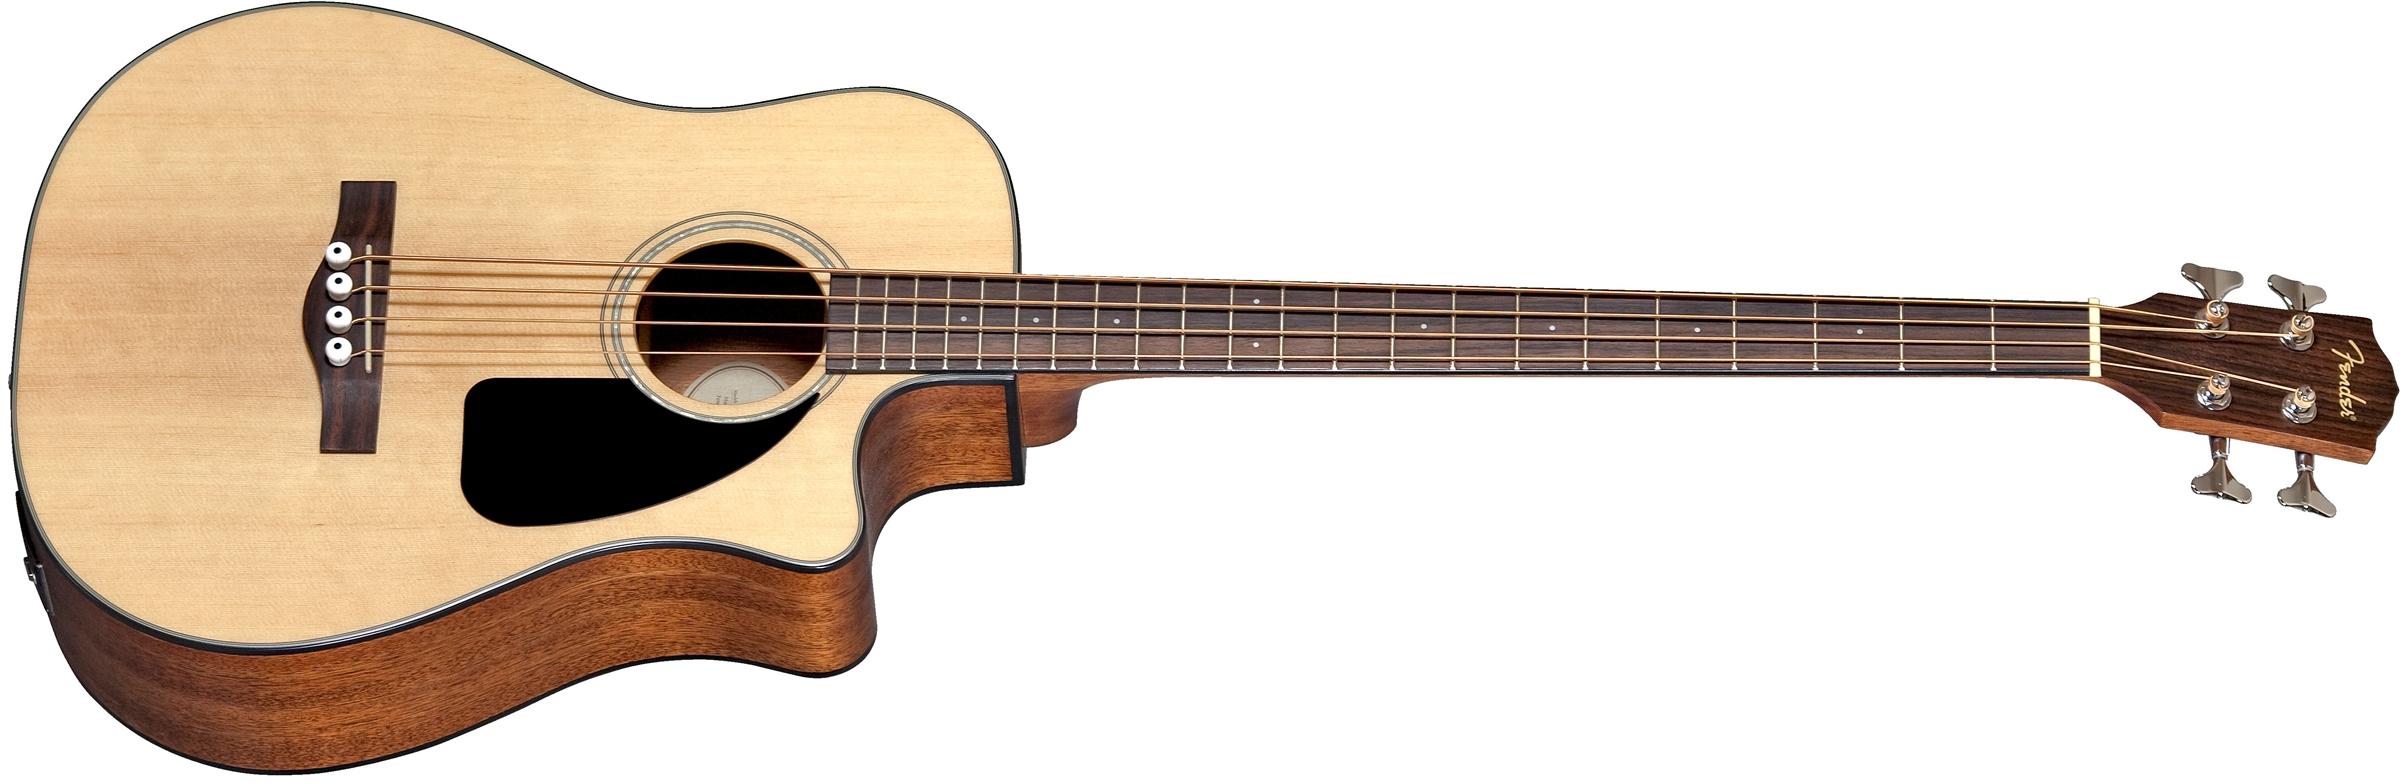 CB 100CE Bass